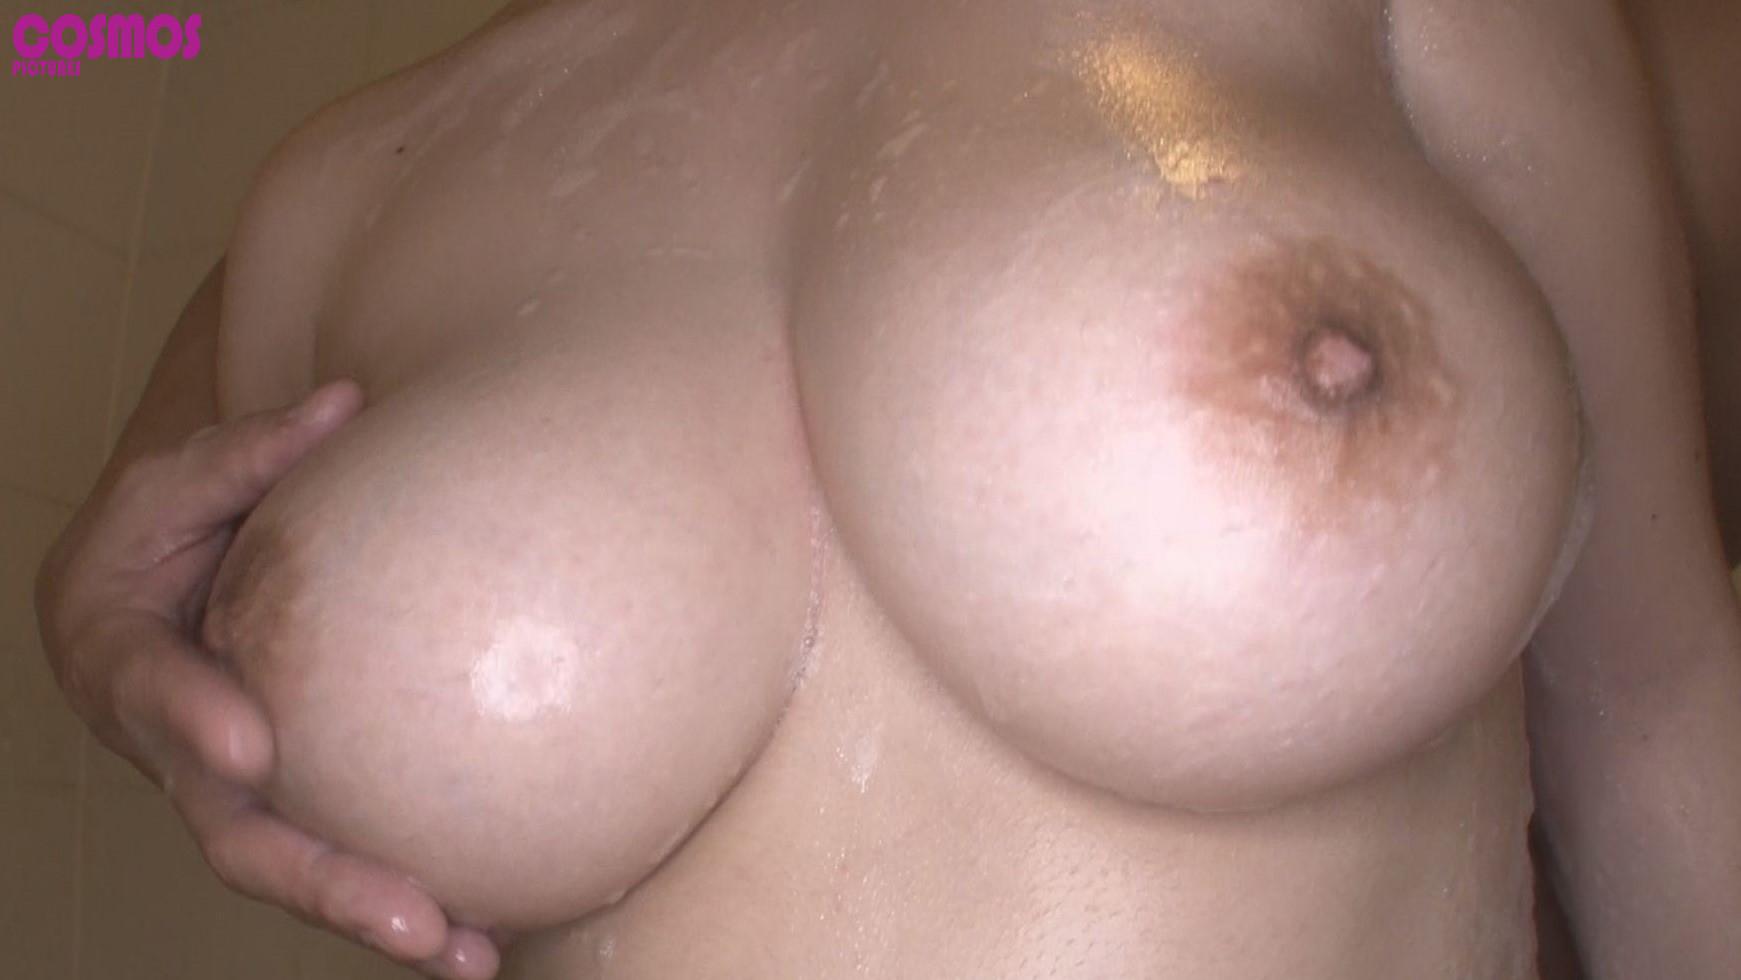 『何度も膣でイってみたい』身体が浮くほどの巨根パワーピストンで白目イキ!! ももかさん23歳Hカップ 画像13